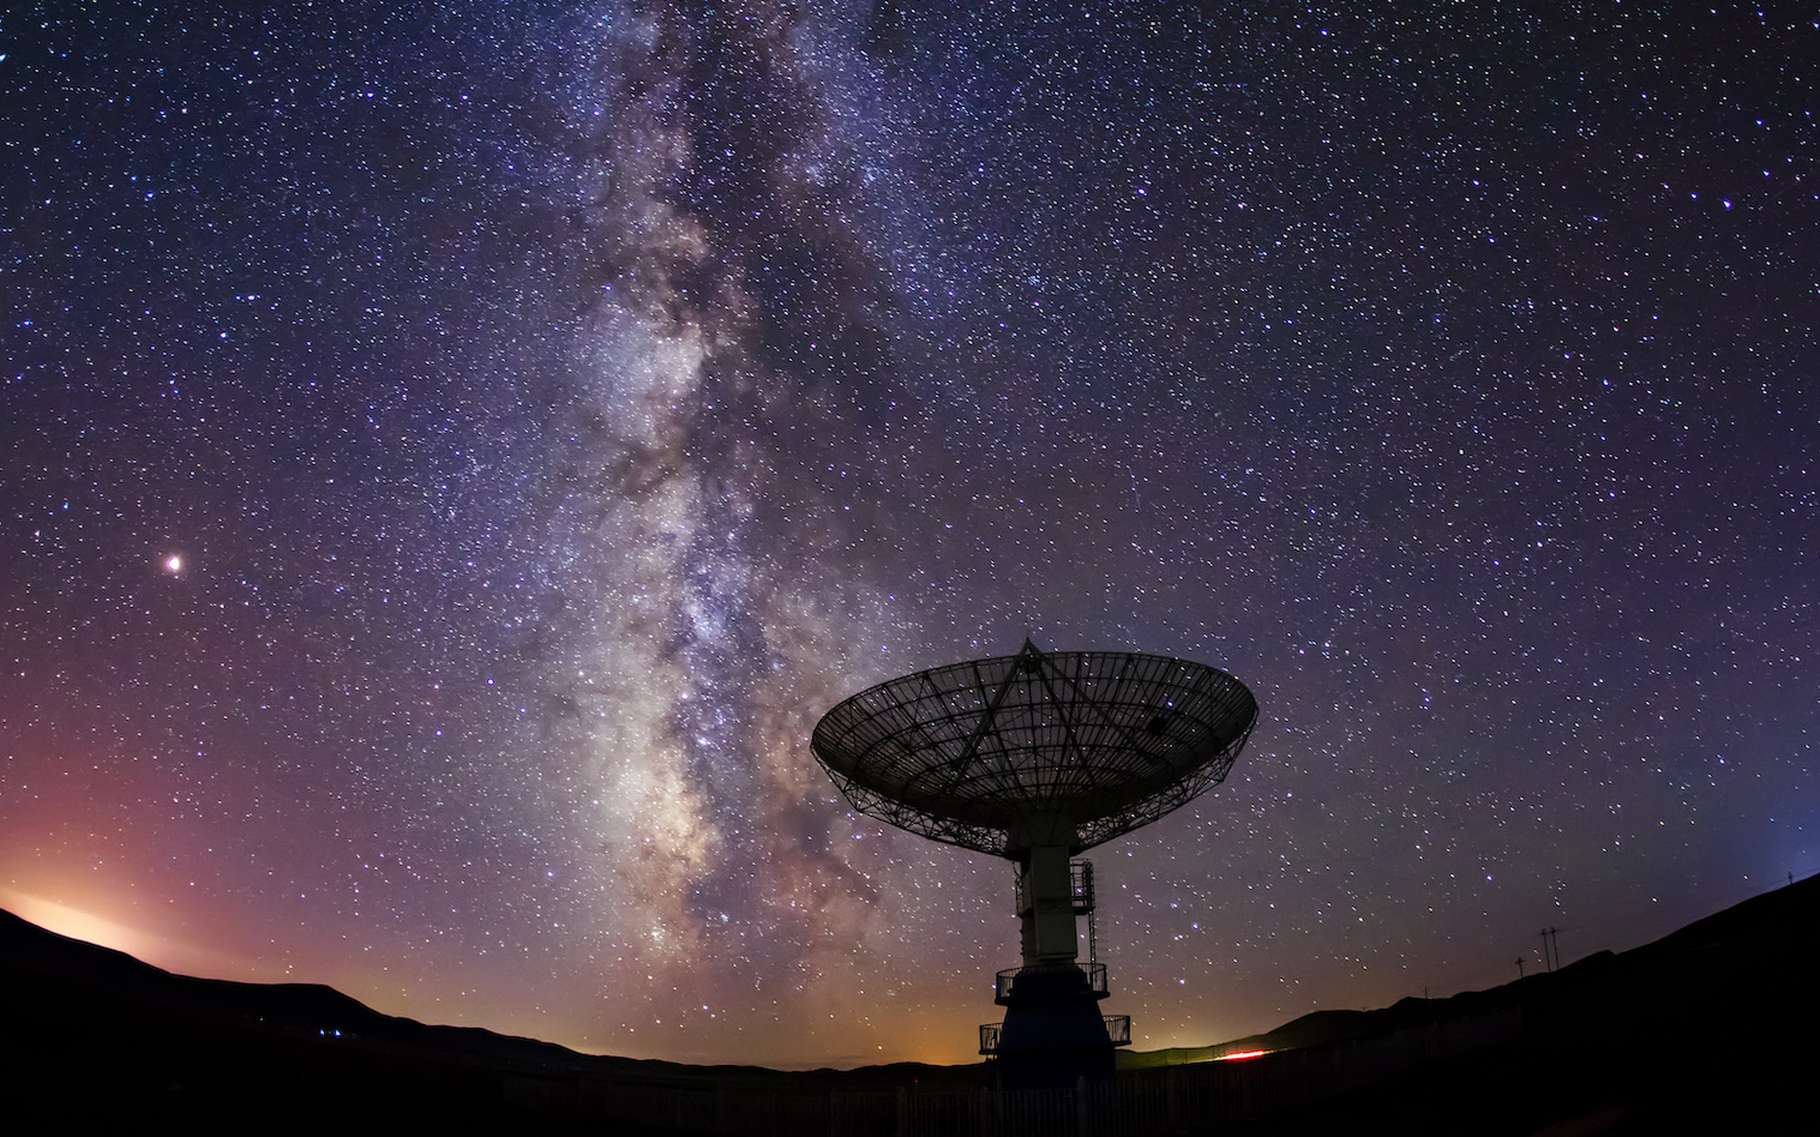 Des chercheurs ont enregistré un mystérieux signal radio en provenance du centre de la Voie lactée. Ils en ignorent encore l'origine. © Zhengzaishanchu, Adobe Stock